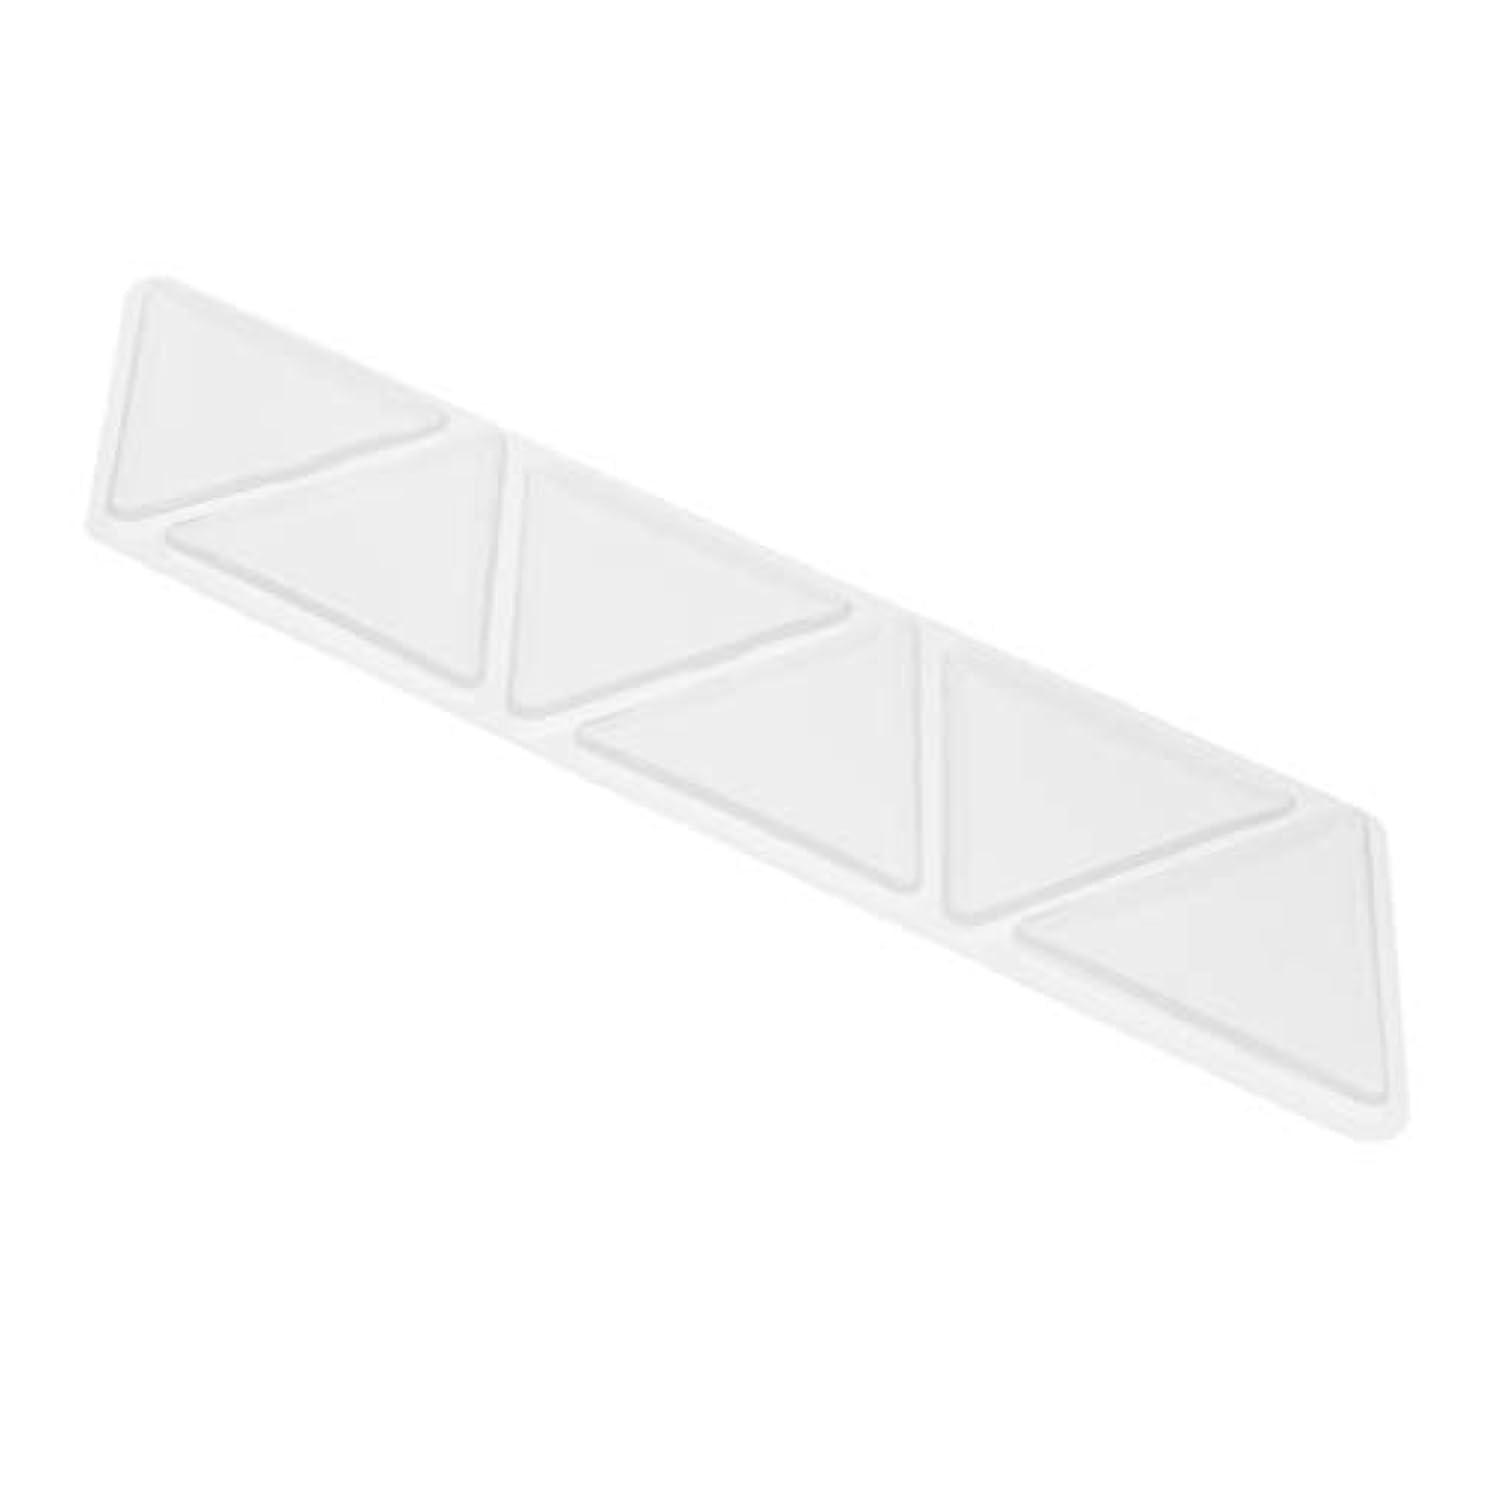 下手懐疑論疑いシリコーン アンチリンクル 額 パッド パッチスキンケア 三角パッド 6個セット